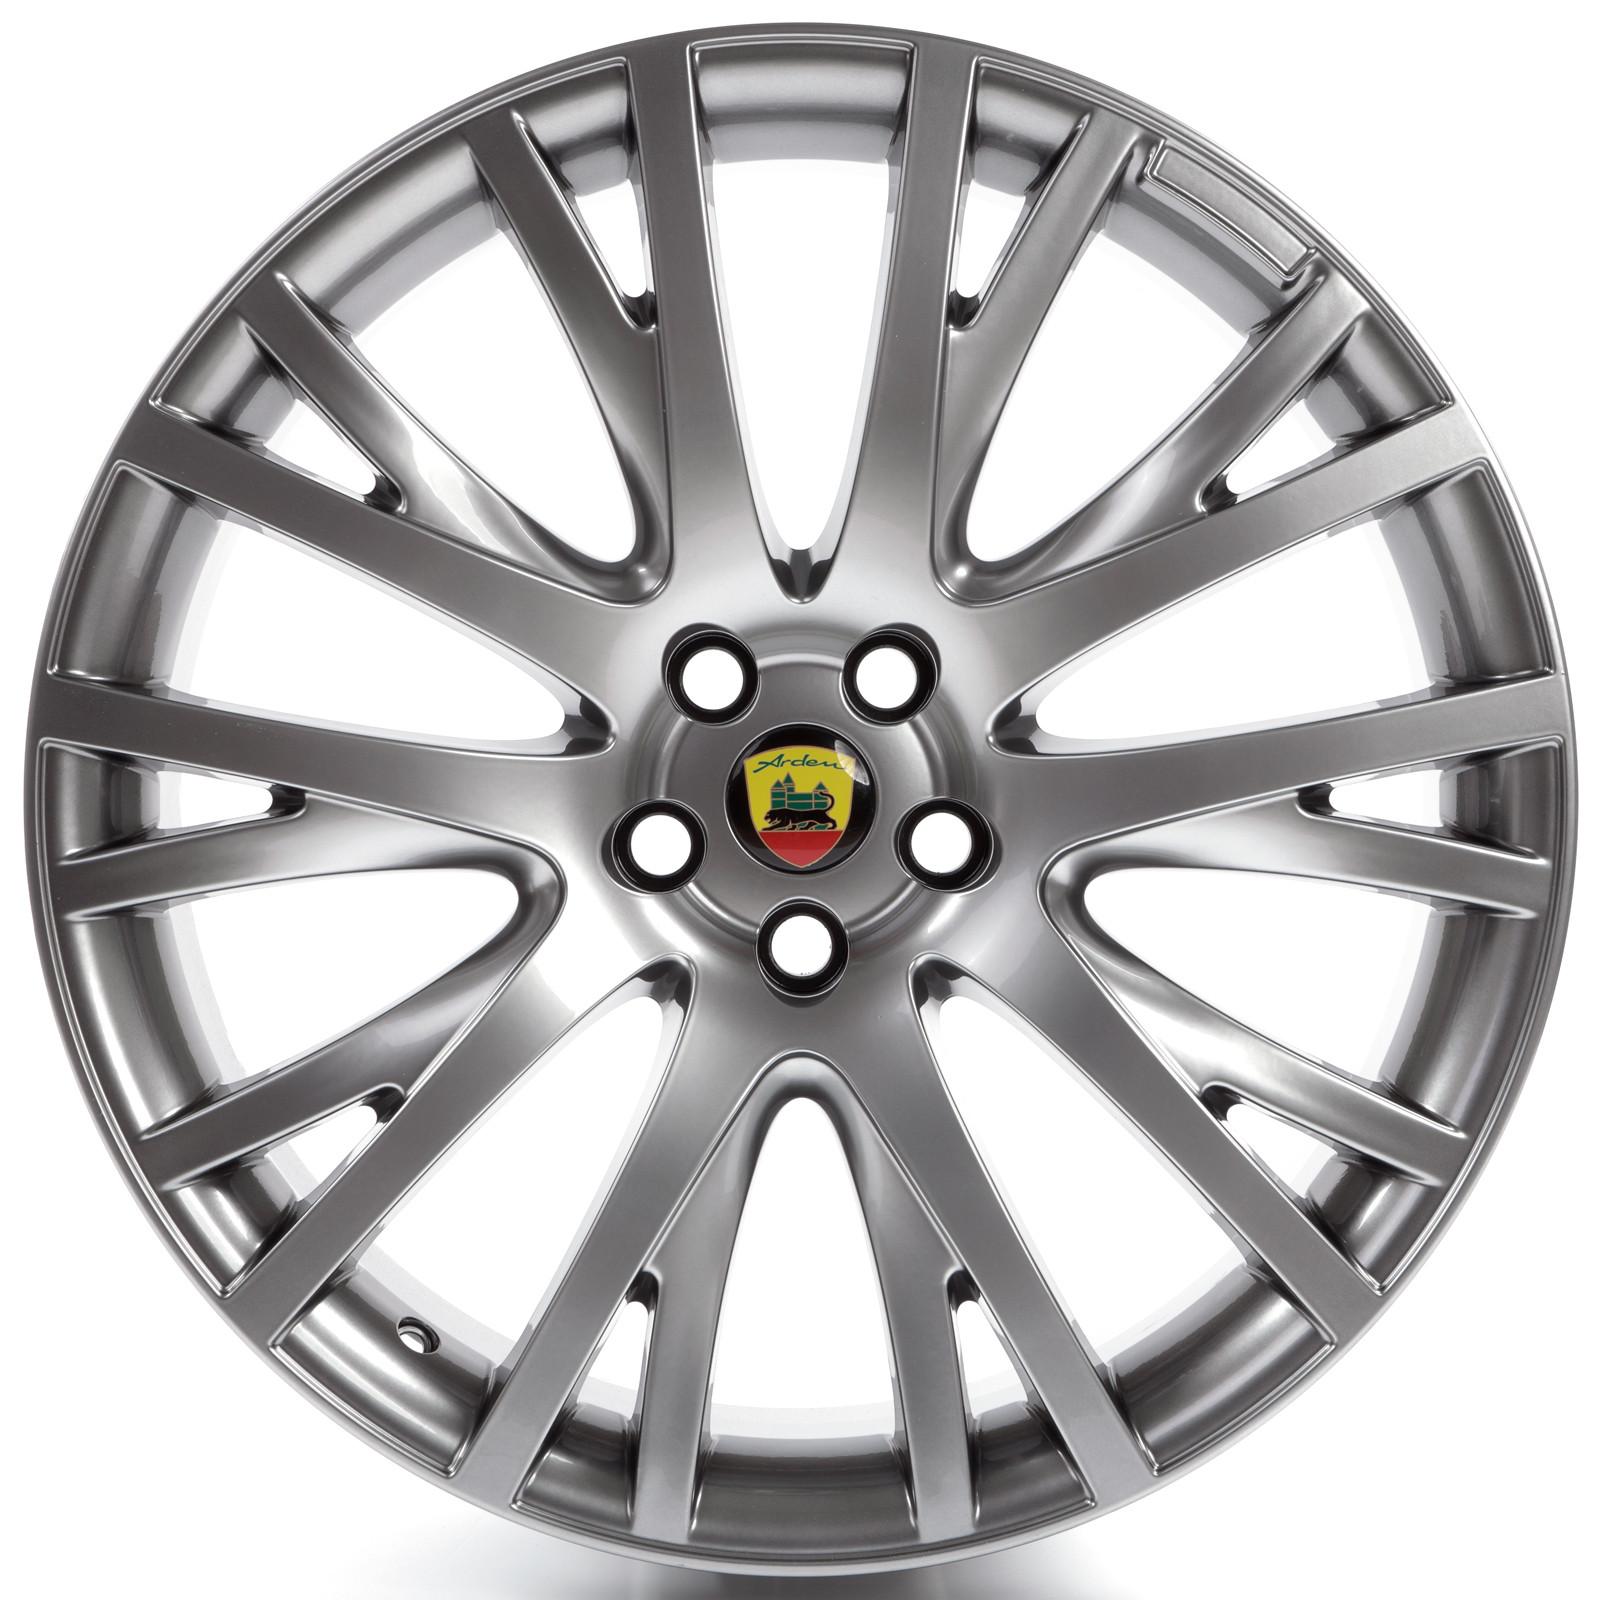 """Arden DAKAR II Rad in 10 x 22"""" für Range Rover und Range Rover Sport"""